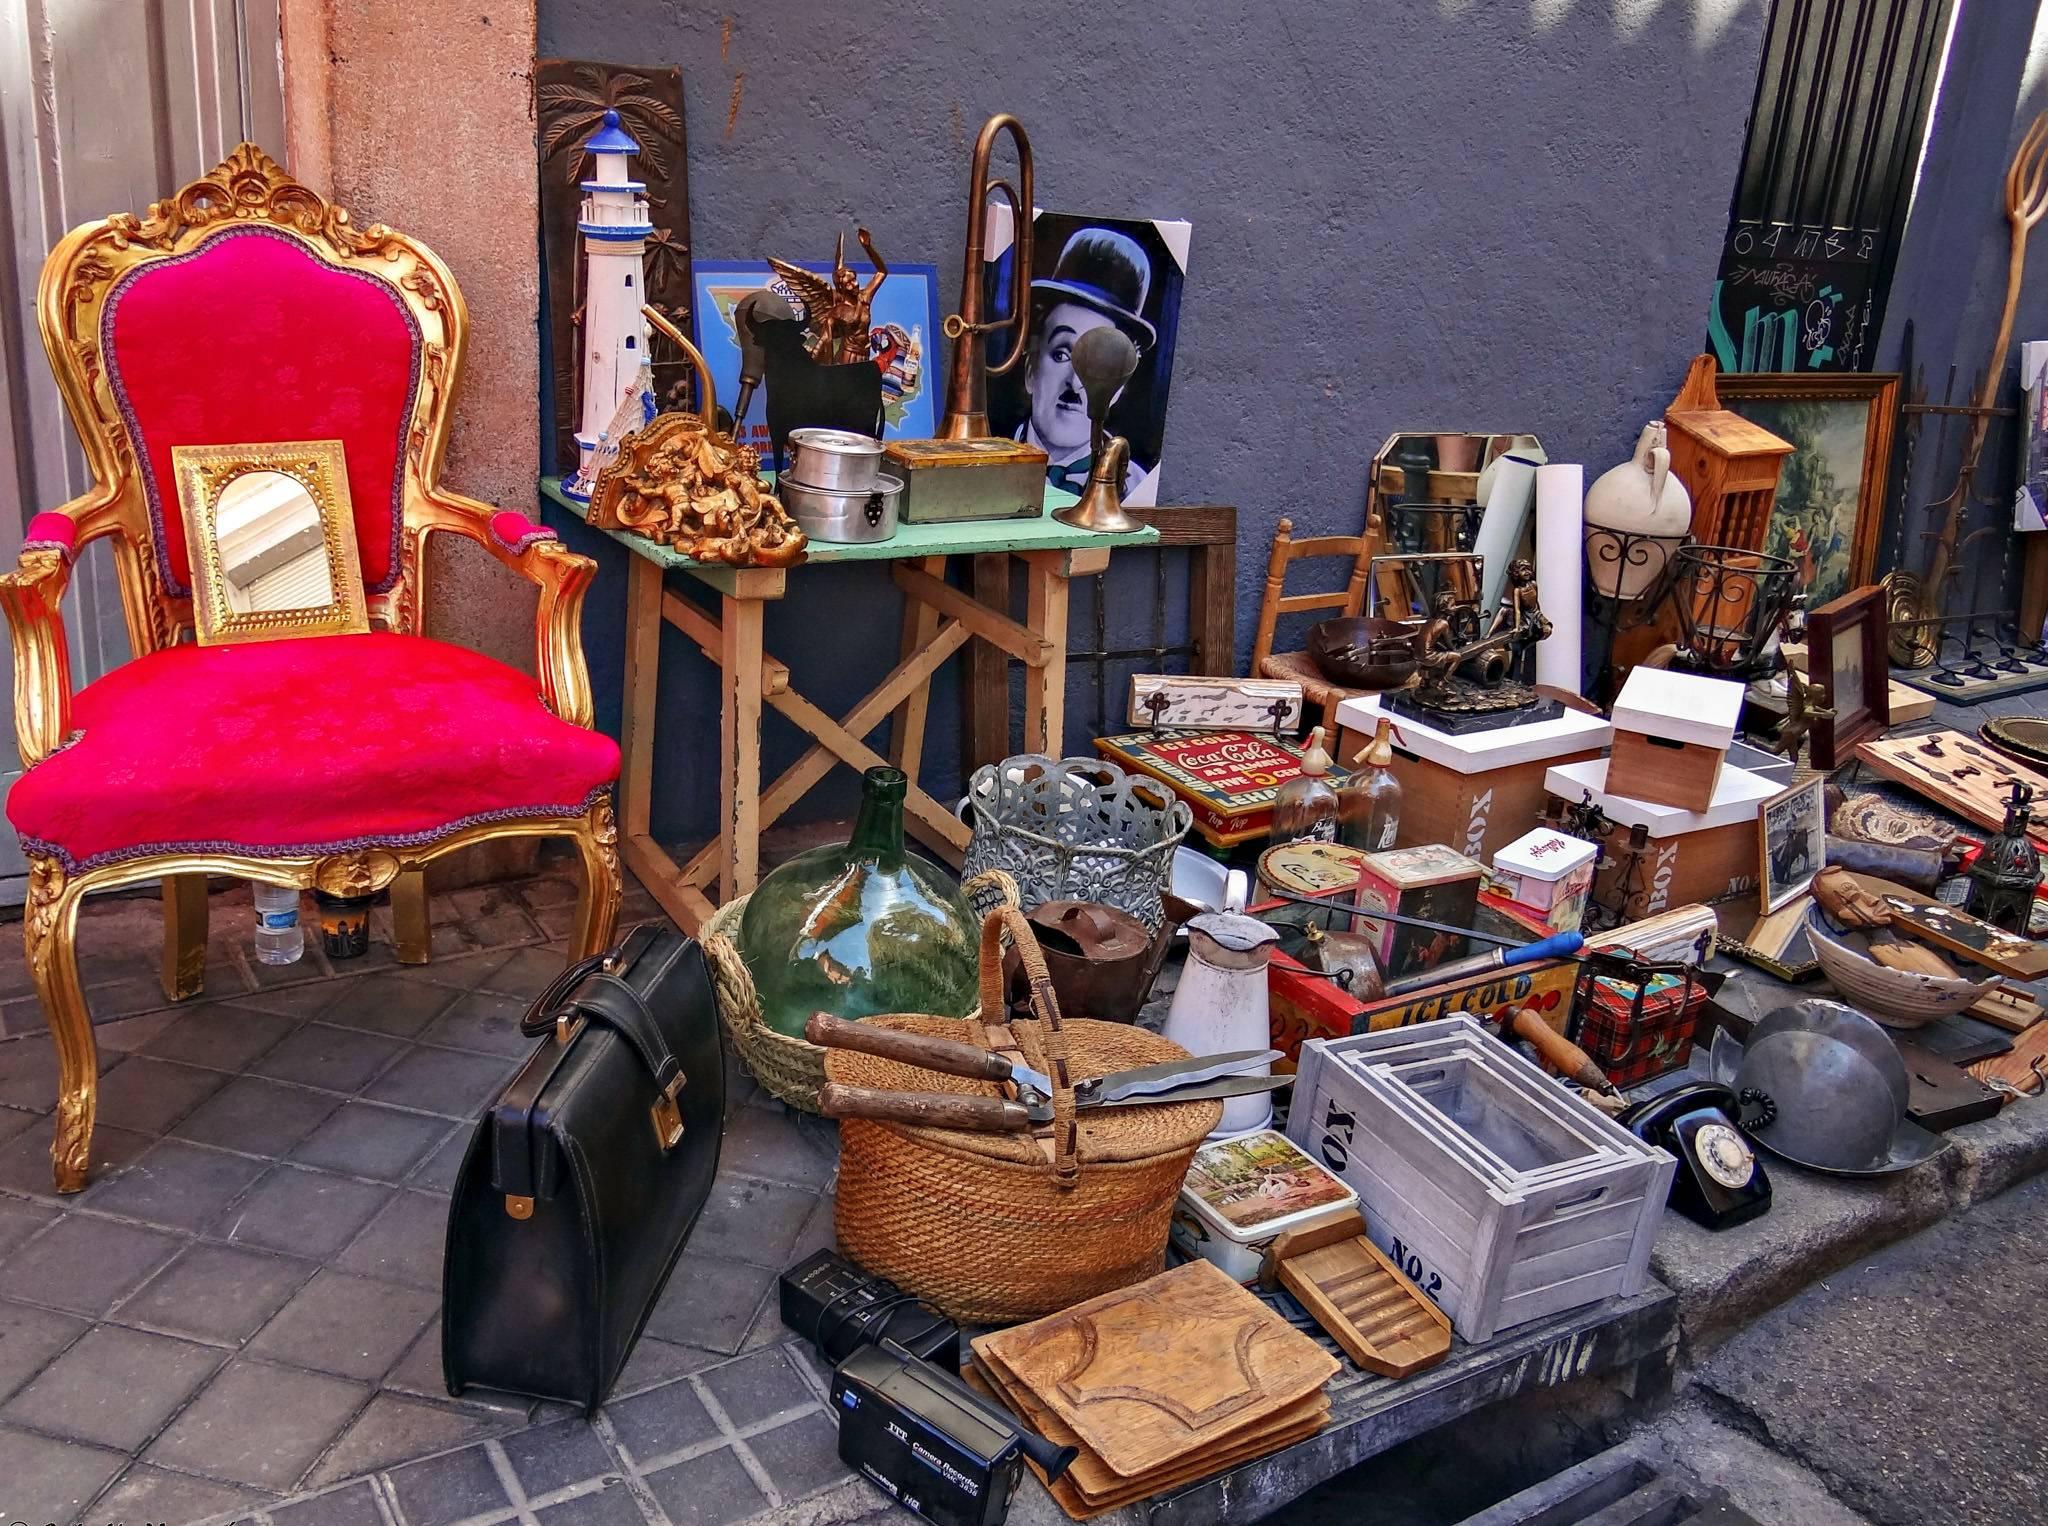 Охотники за сокровищами: блошиные рынки германии - федеральное министерство иностранных дел германии